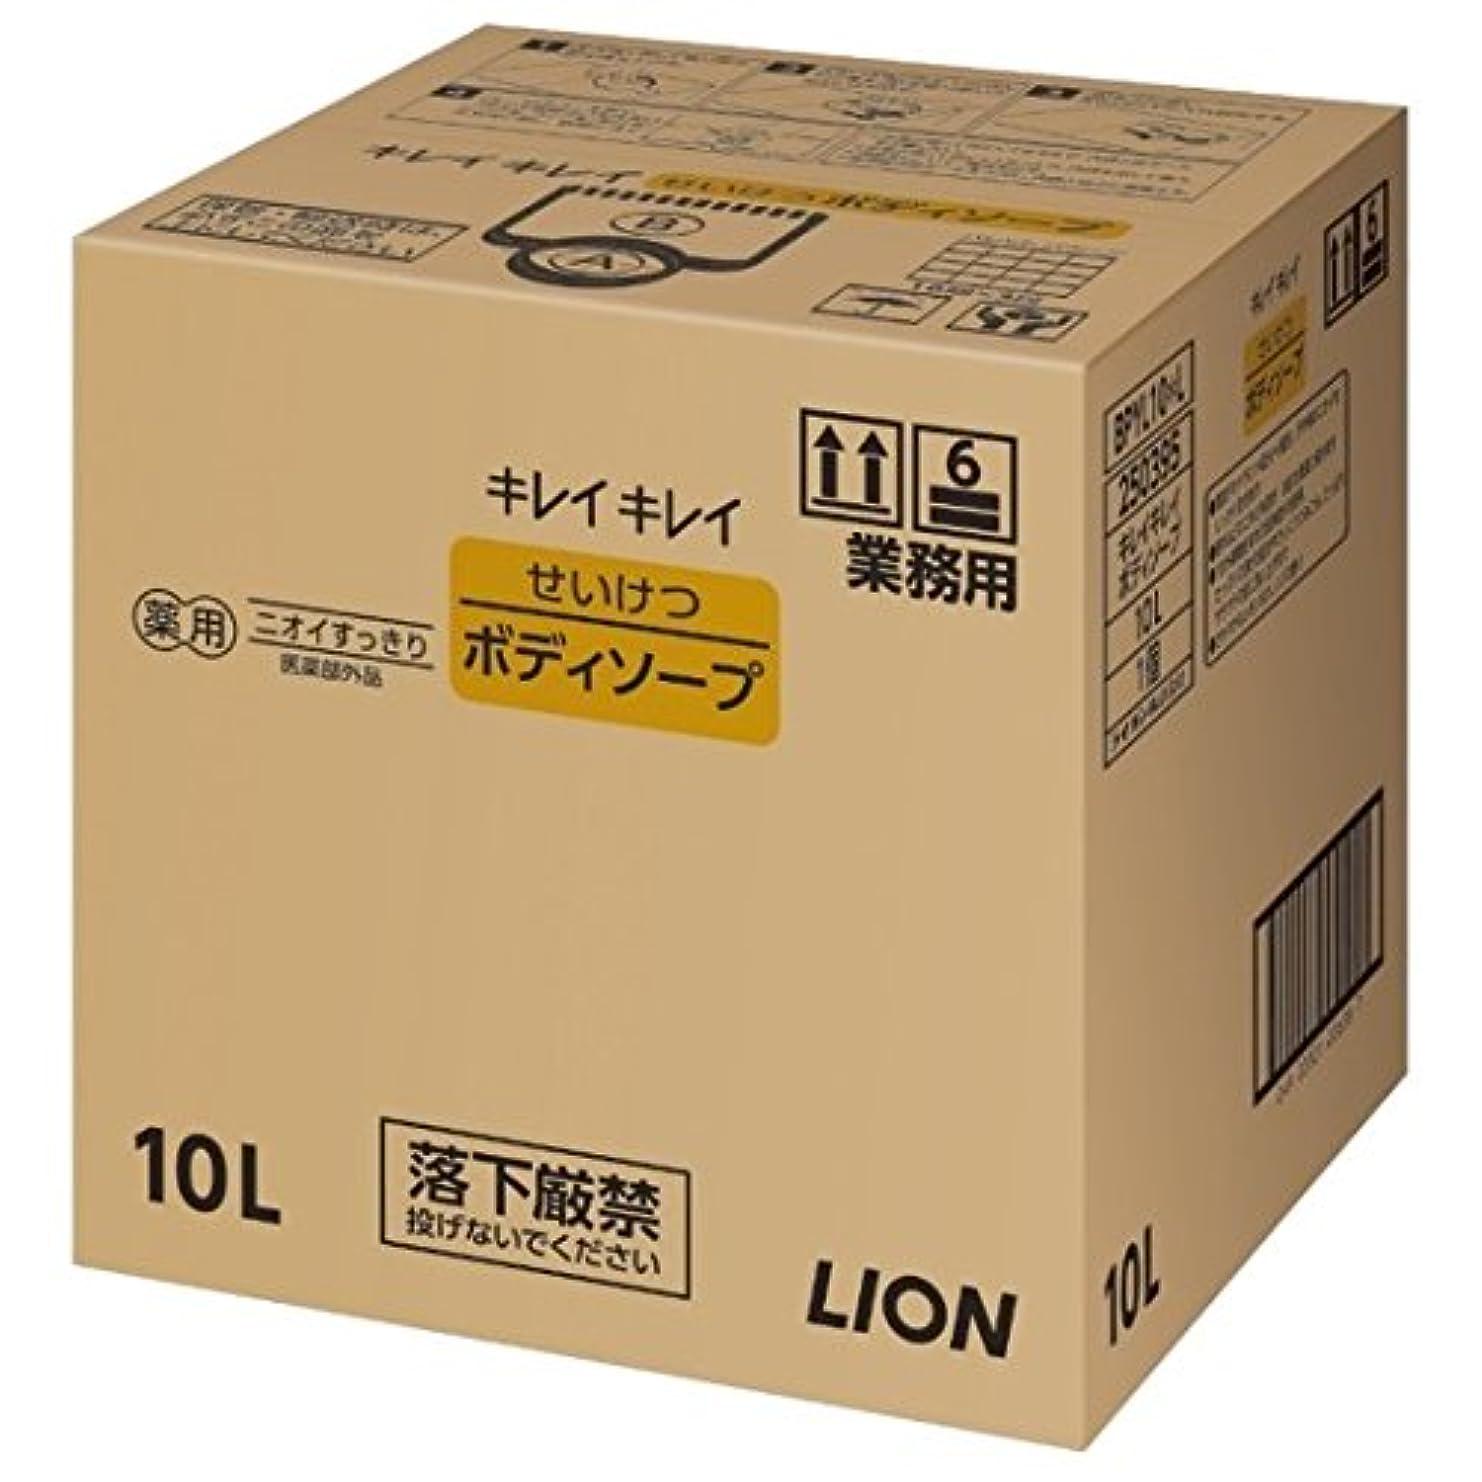 証人閉塞年金ライオン 業務用 キレイキレイ せいけつボディソープ 10L